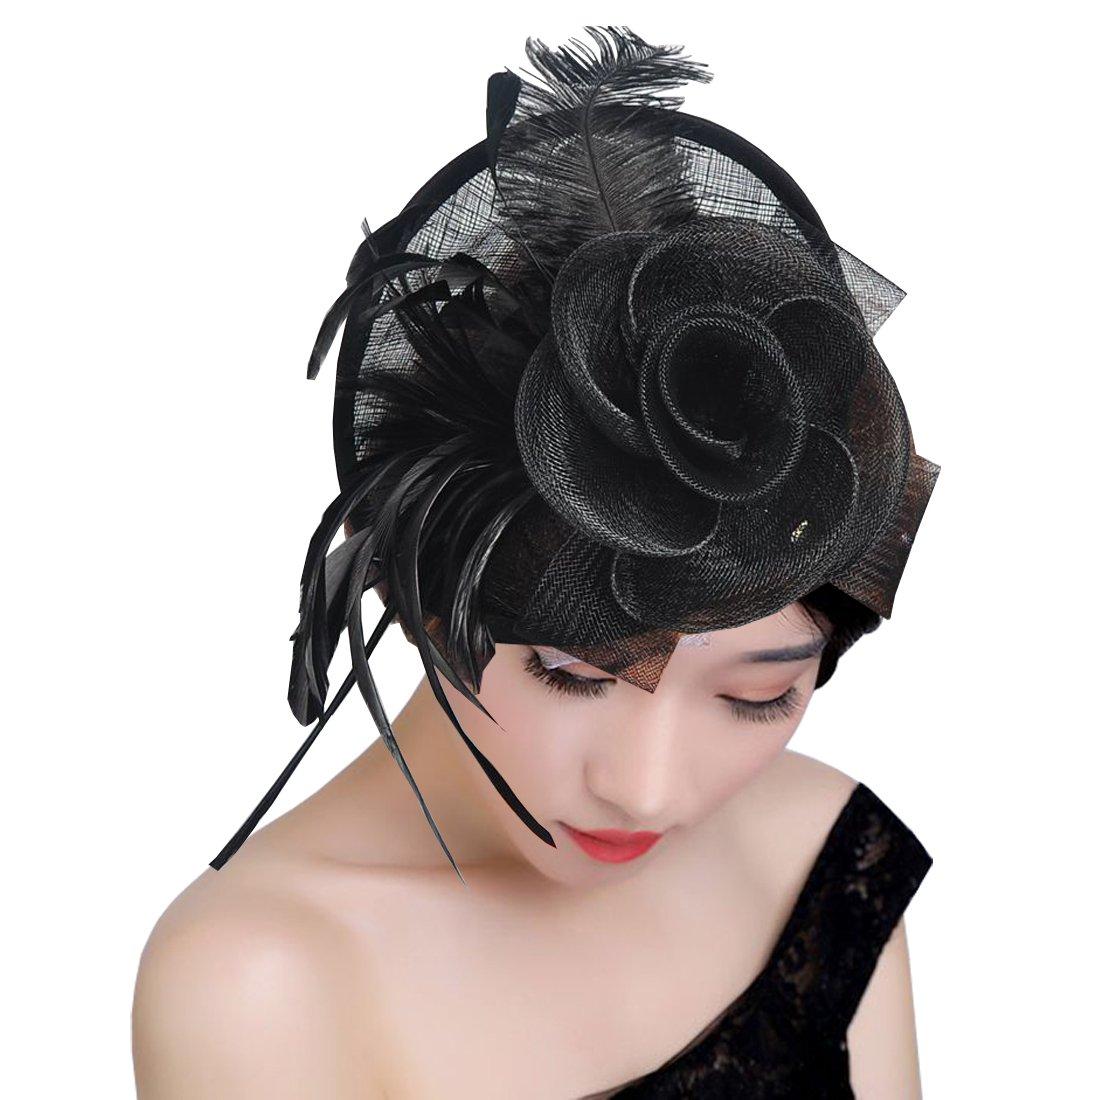 KAXIDY Femme Chapeaux C/ér/émonie Chapeau F/ête Bride Chapeau Casquettes Voilette Mariage Bonnets